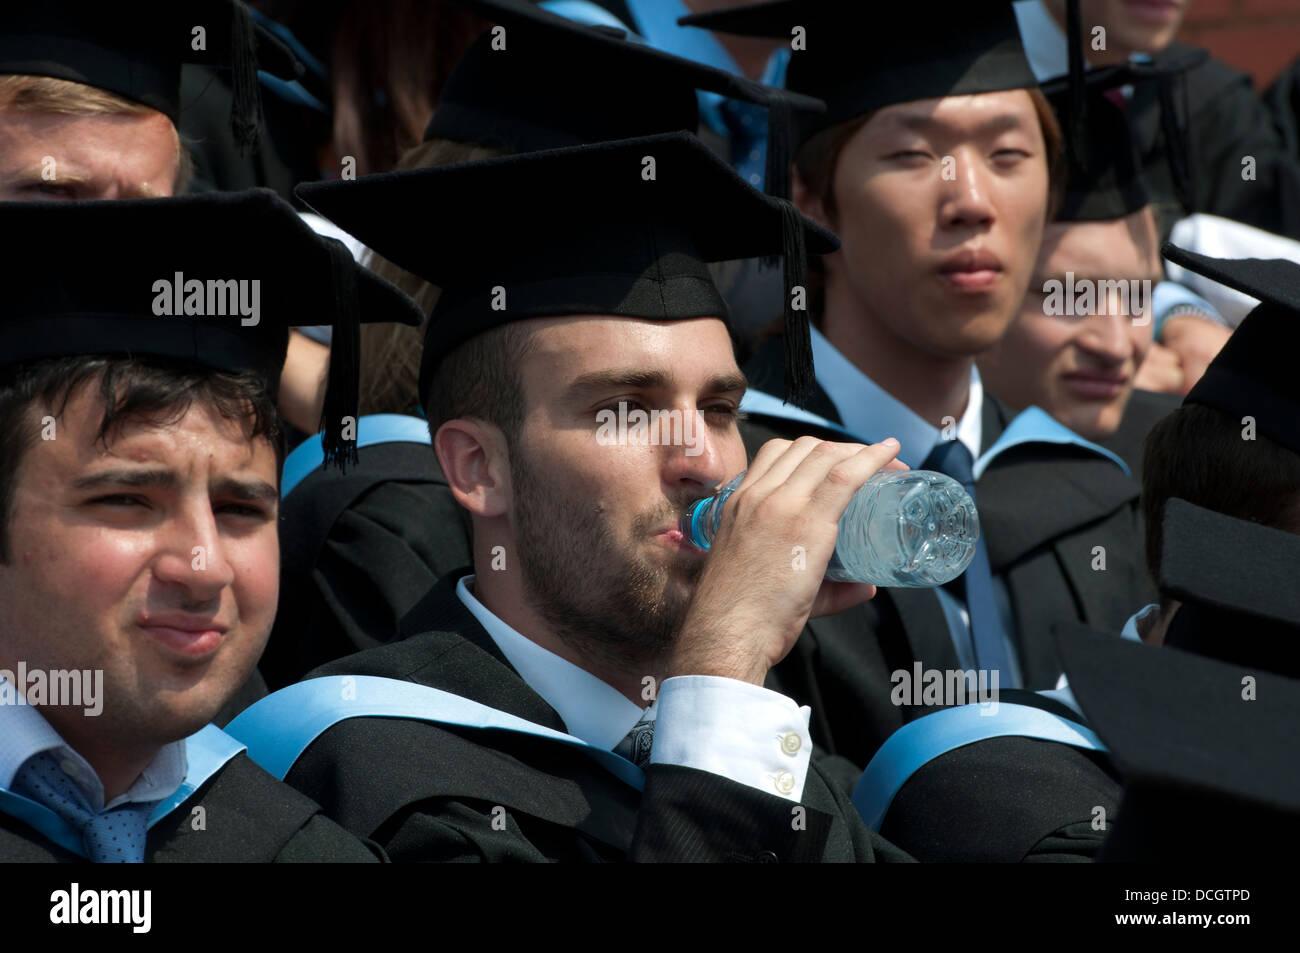 Warwick University graduation day. A graduate drinking water. - Stock Image